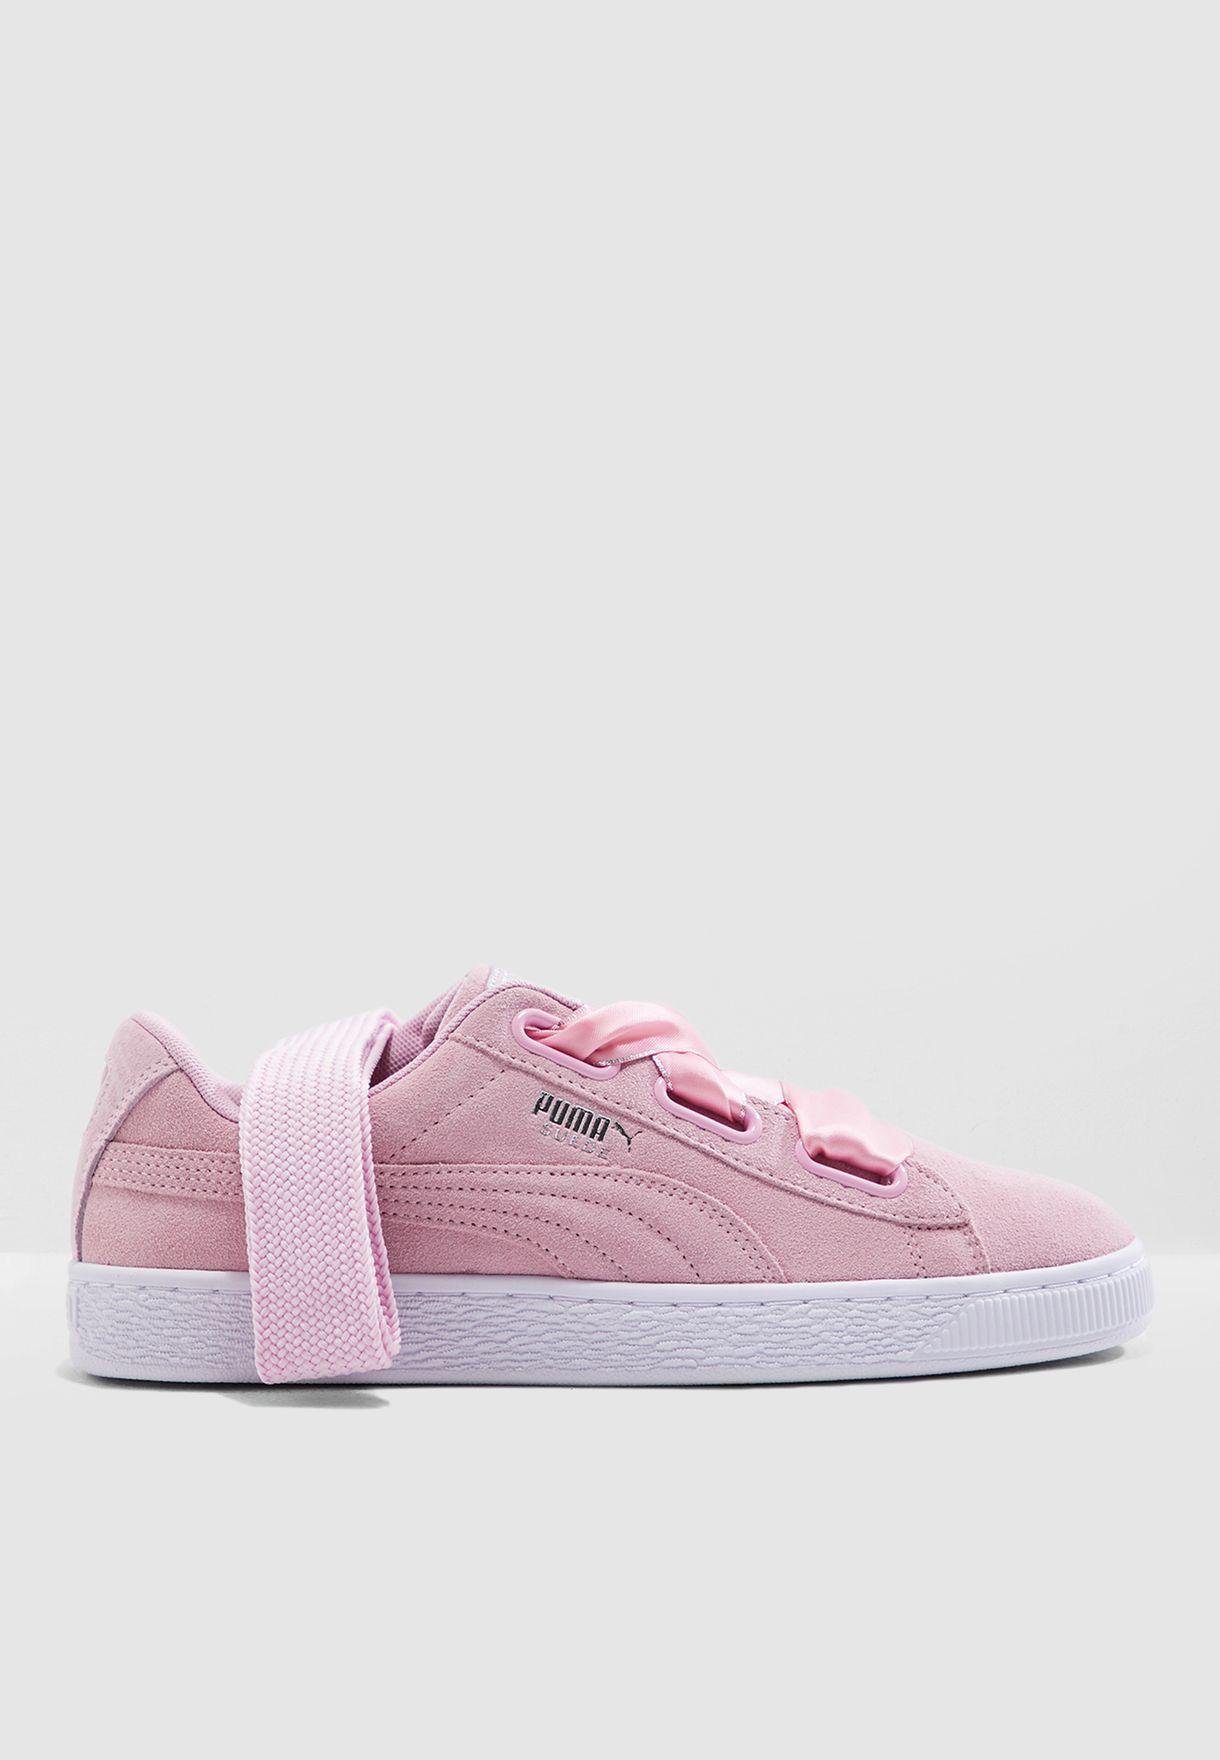 d5a42031f9ab57 Shop PUMA pink Suede Heart Galaxy 36923201 for Women in Qatar ...